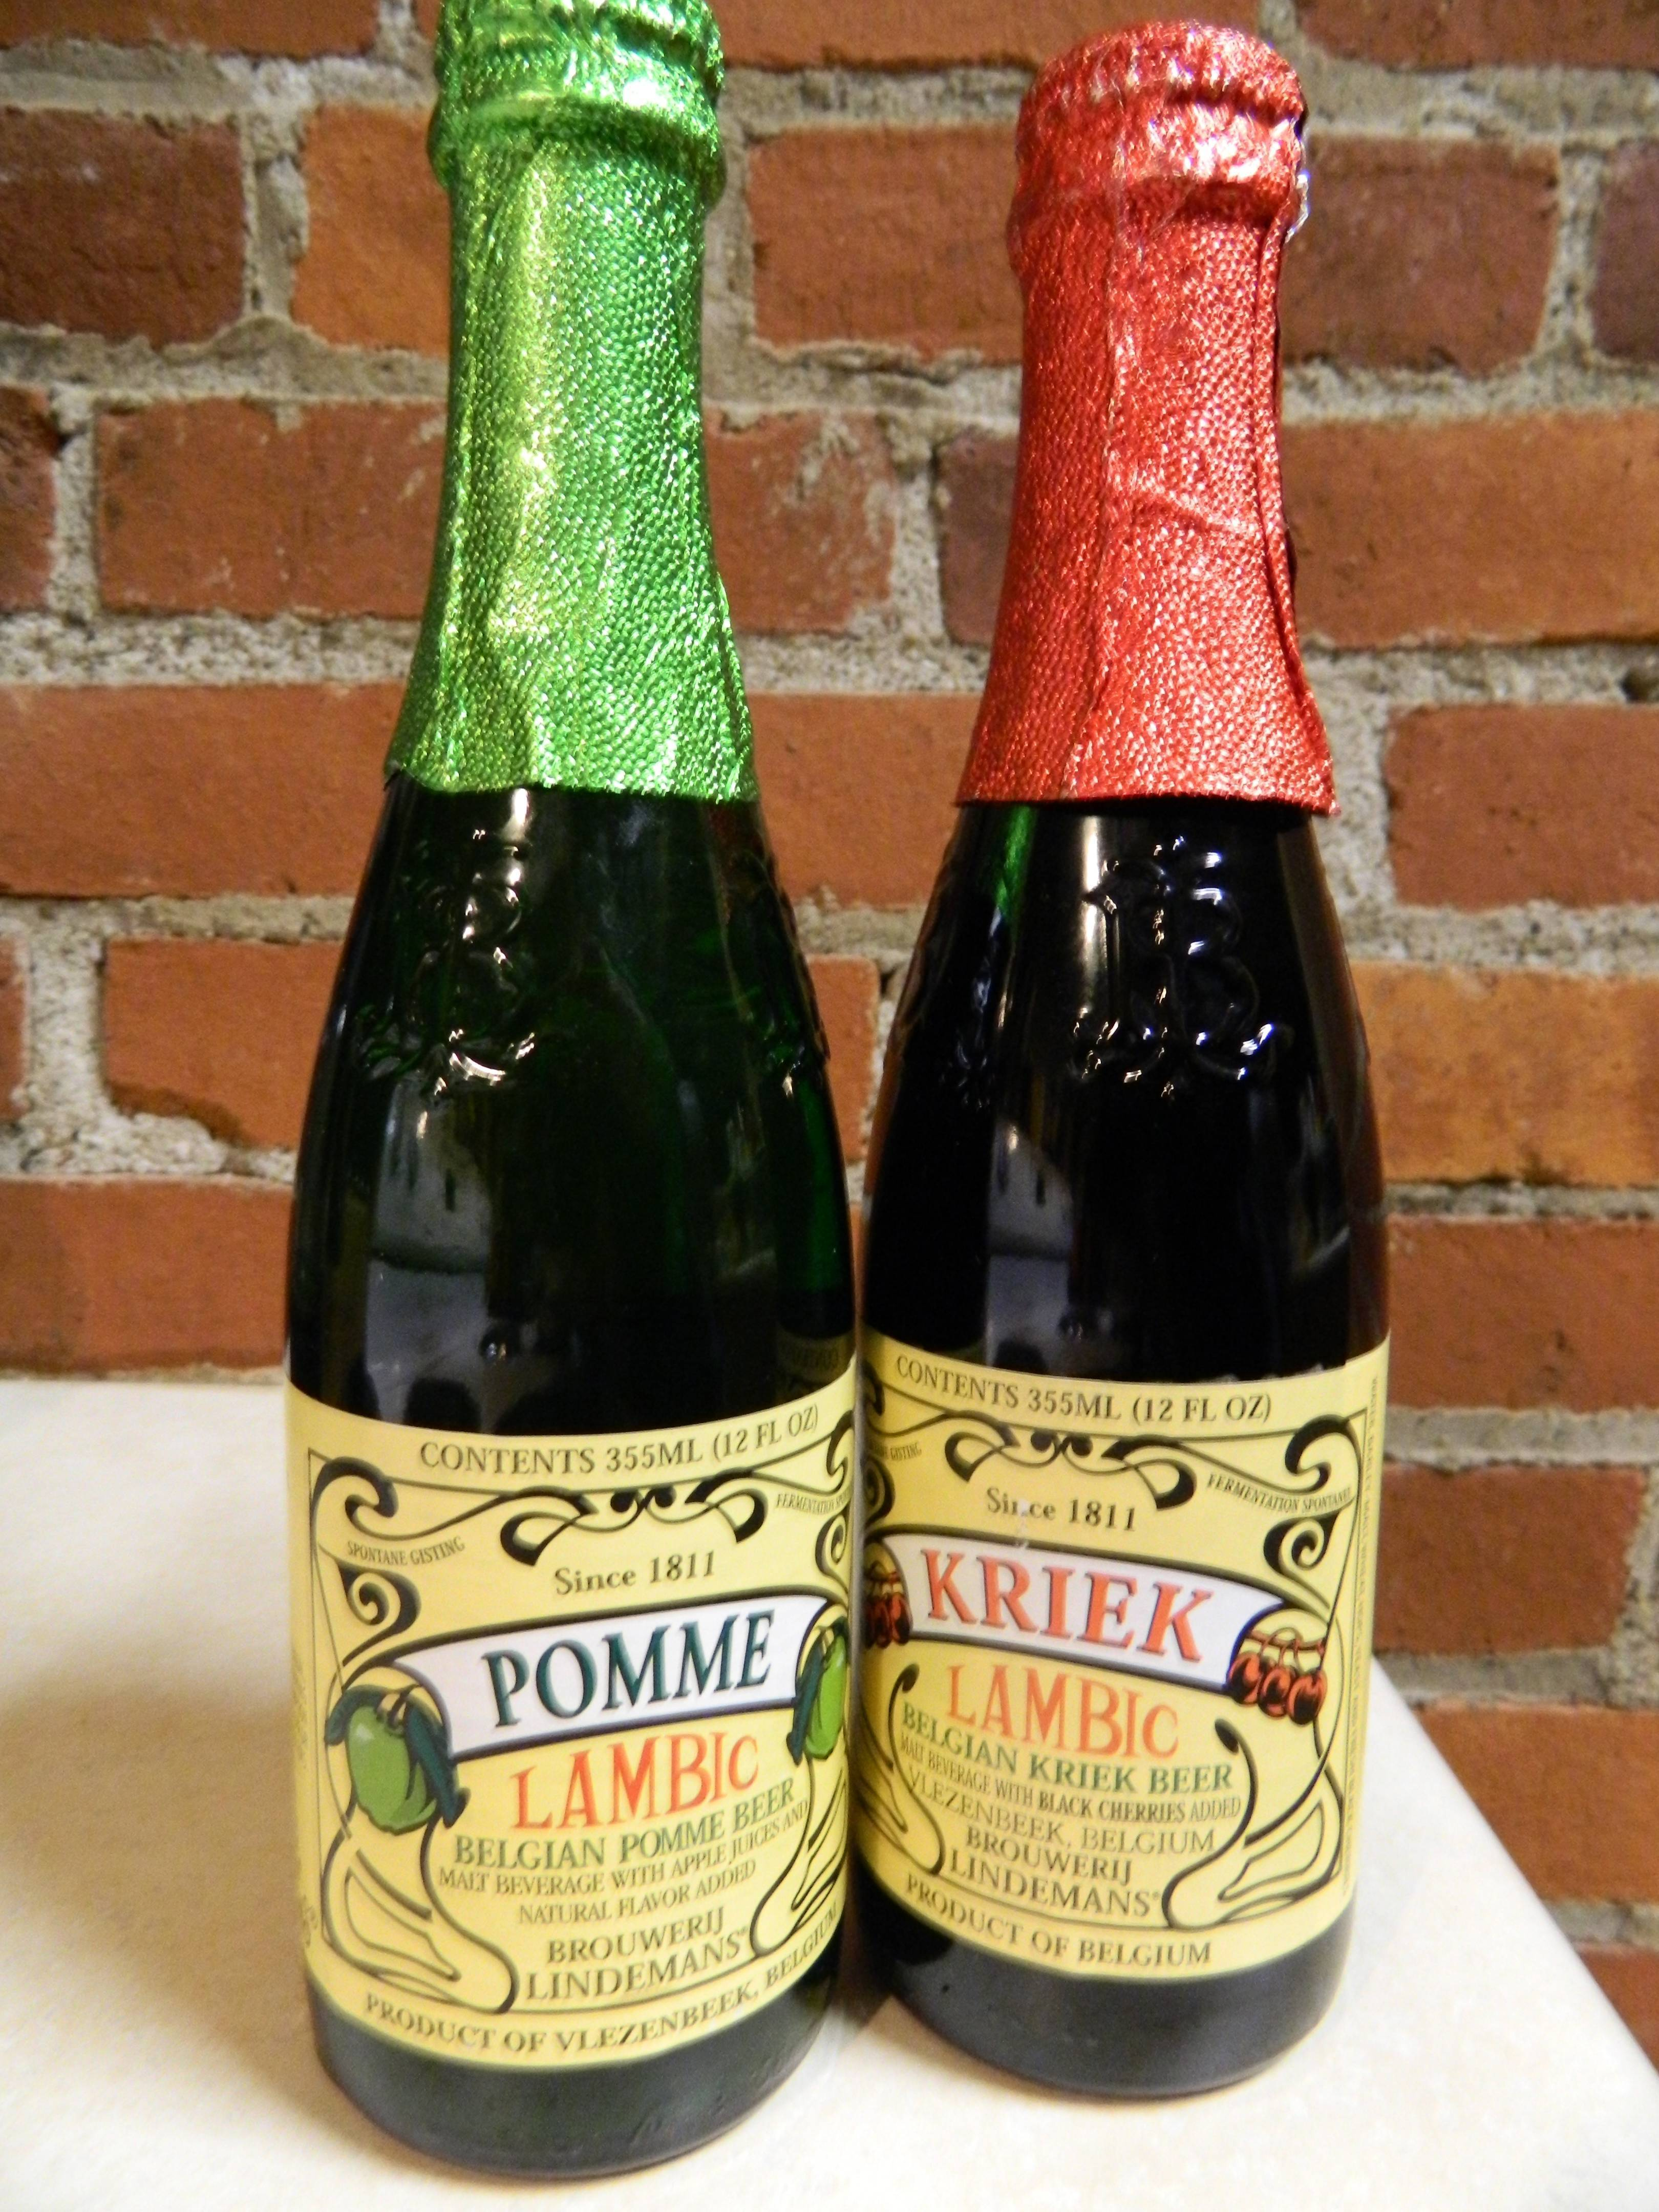 Кислые сорта пива и кислые эли: ламбики, гёзы, фаро, берлинер вайссе, гозе, фламандский красный эль